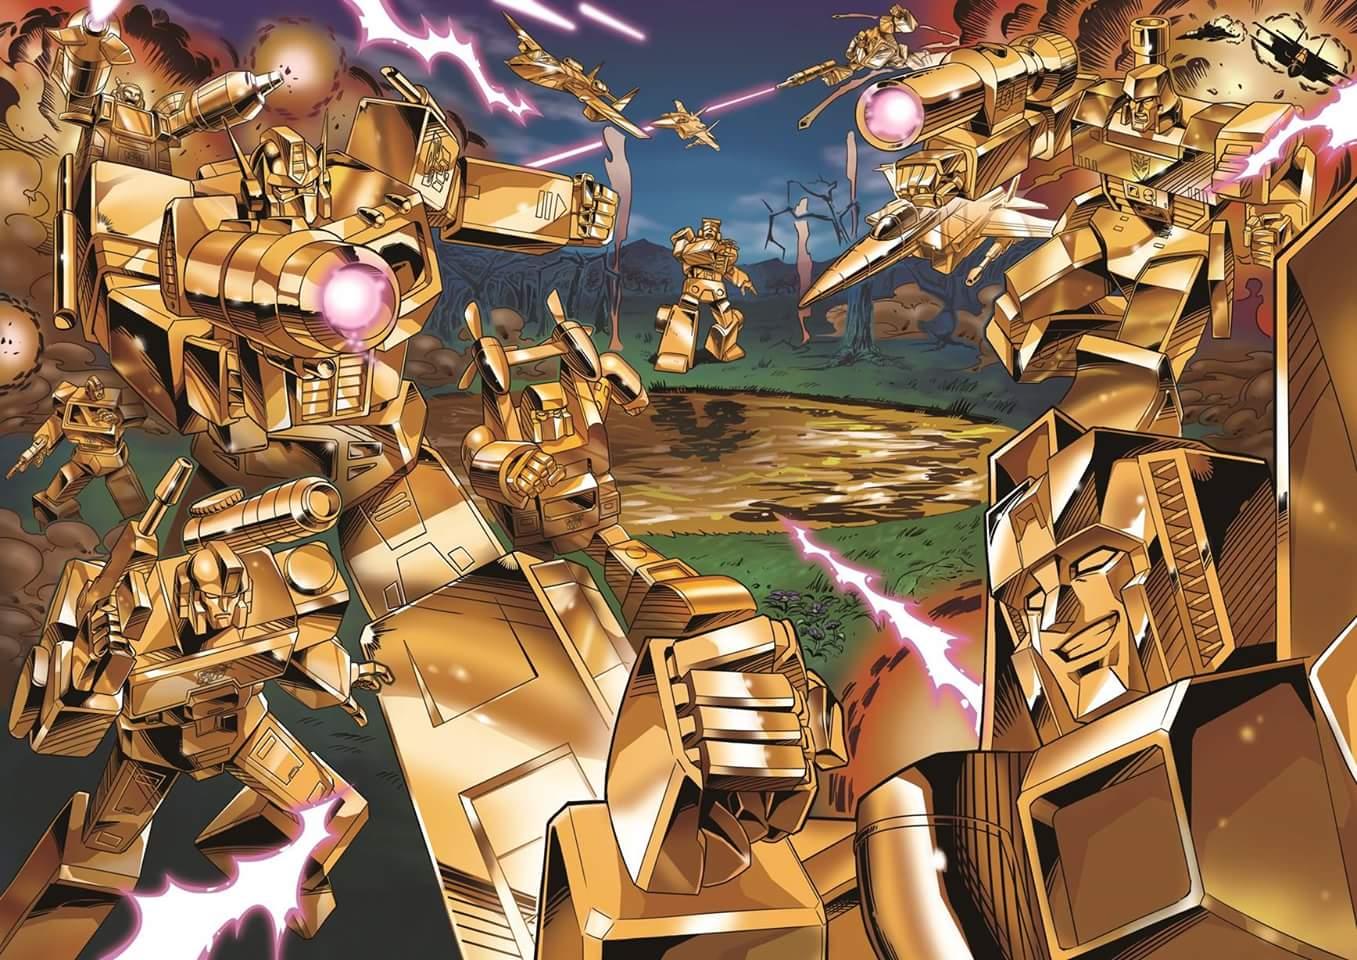 [Masterpiece] MP-10B | MP-10A | MP-10R | MP-10SG | MP-10K | MP-711 | MP-10G | MP-10 ASL ― Convoy (Optimus Prime/Optimus Primus) - Page 6 9GssUE4y_o